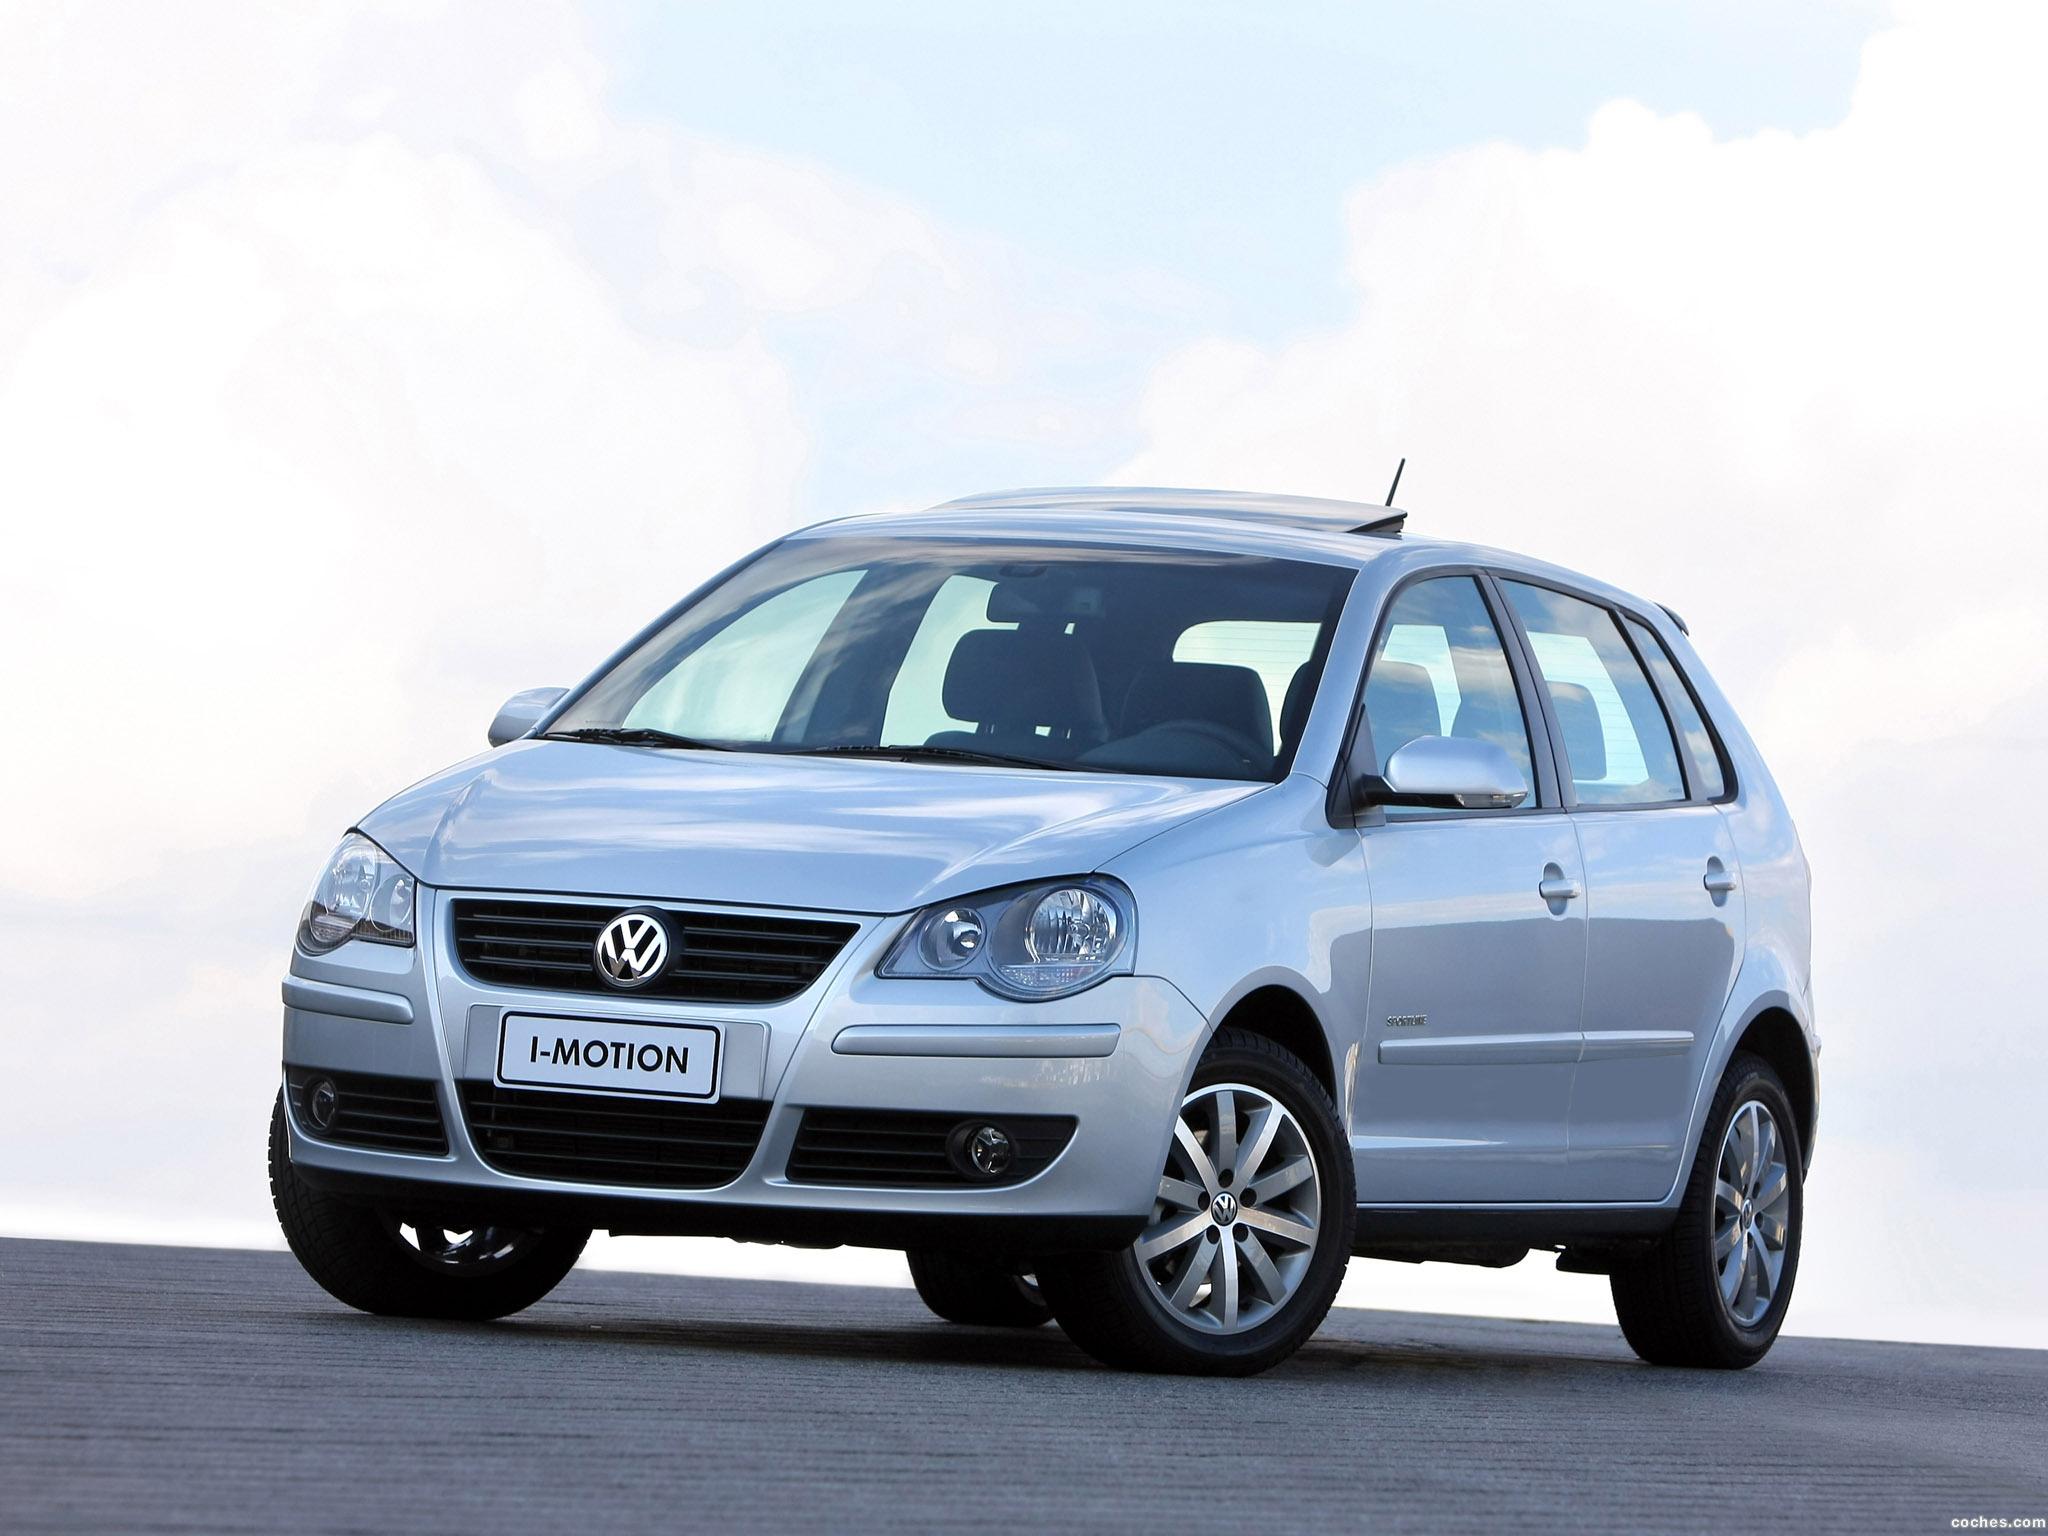 Foto 0 de Volkswagen Polo 5 door Brazil IVF 2009